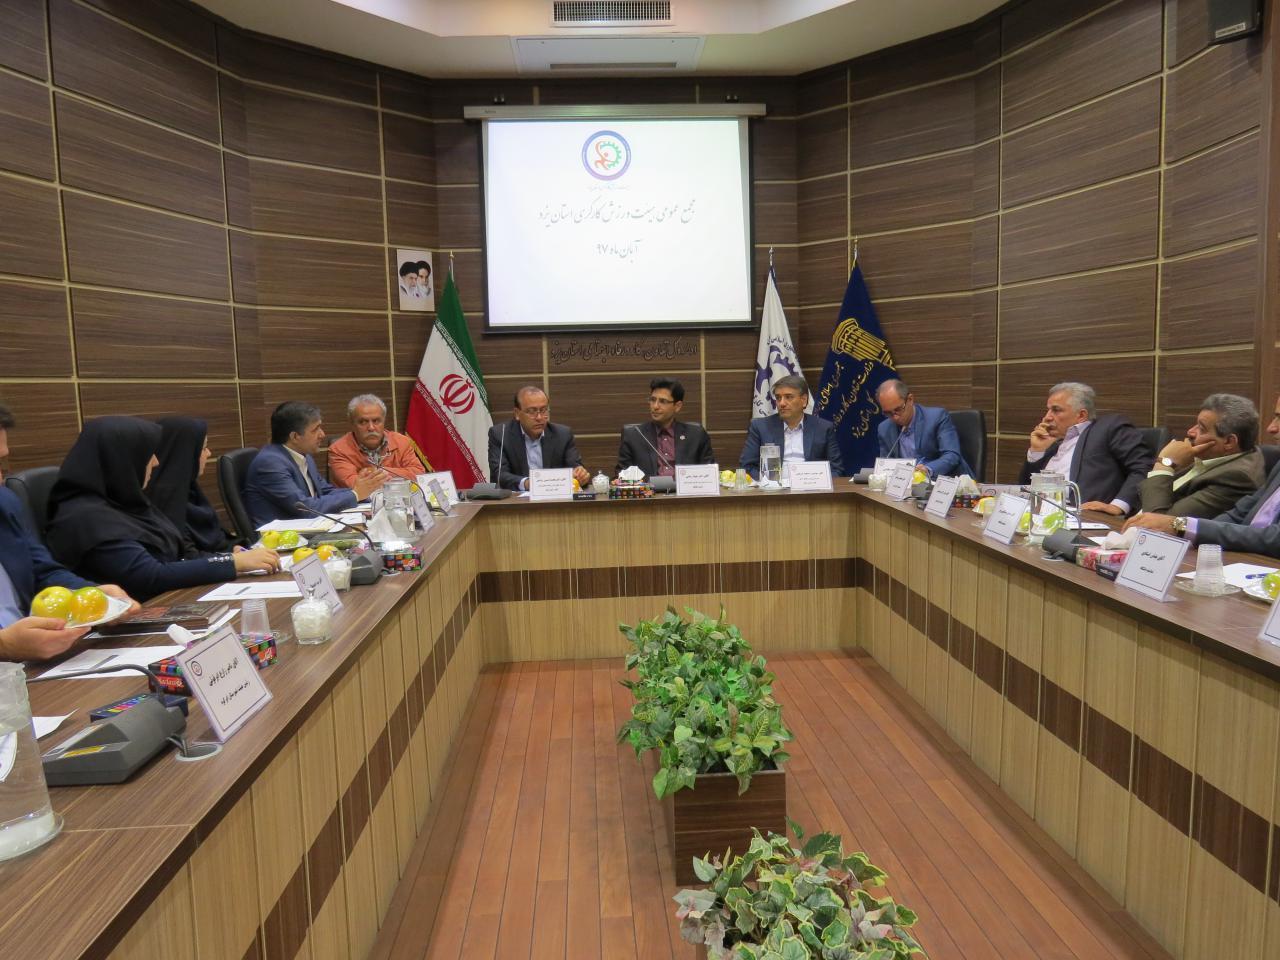 مجمع عمومی هئیت ورزش کارگری استان یزد برگزار شد.